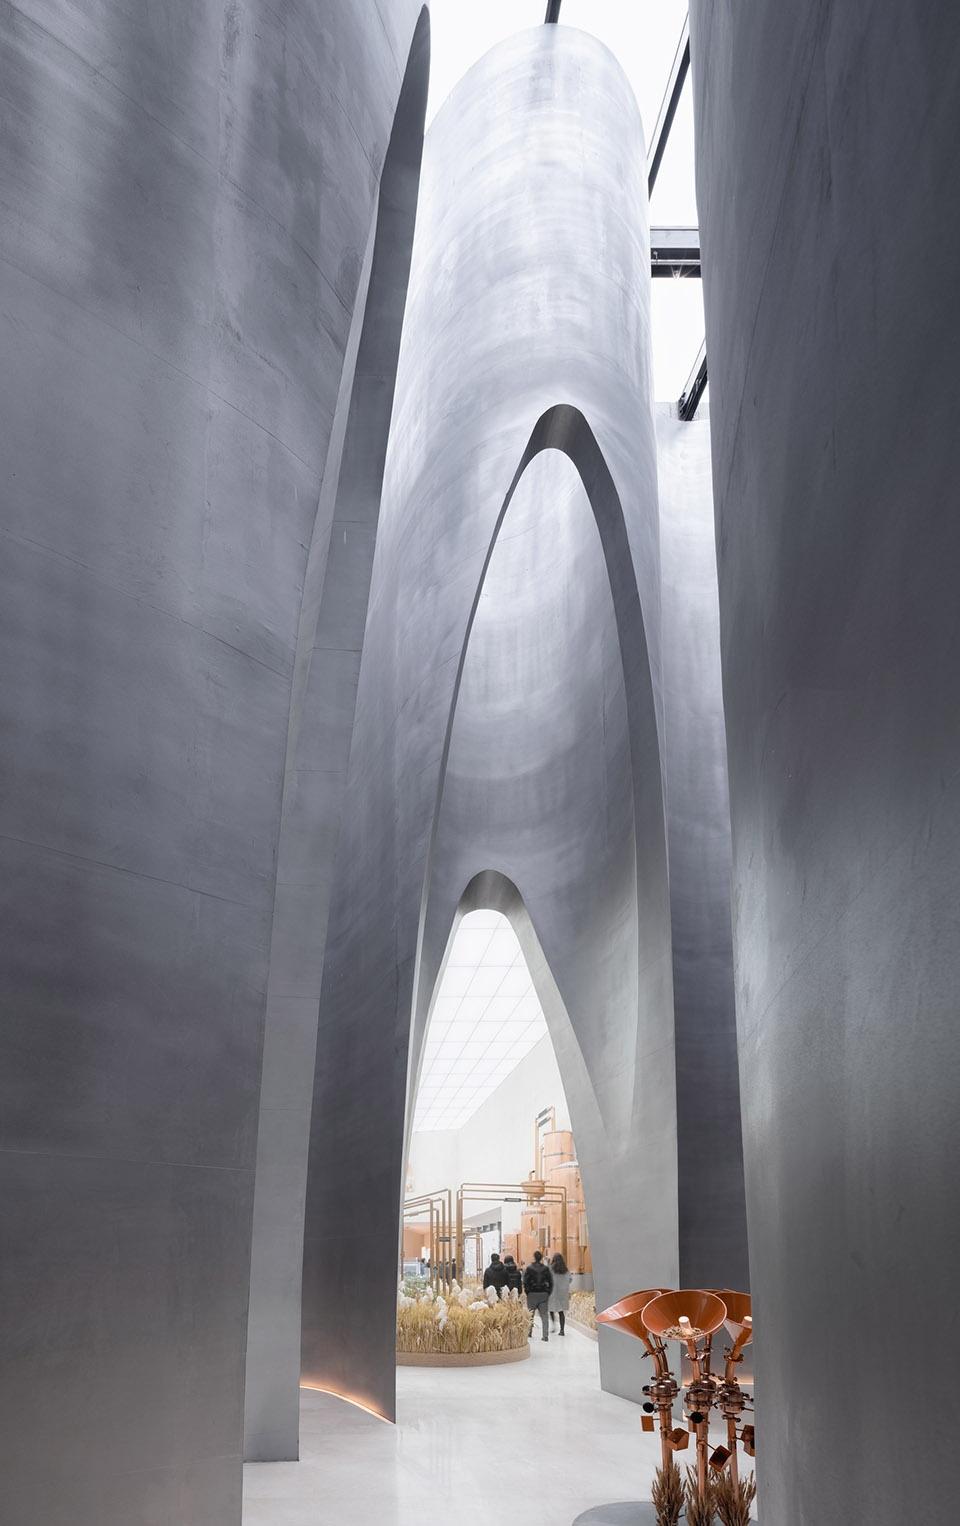 007-the-flow-of-grain-beer-museum-by-waterfrom-design-960x1526.jpg